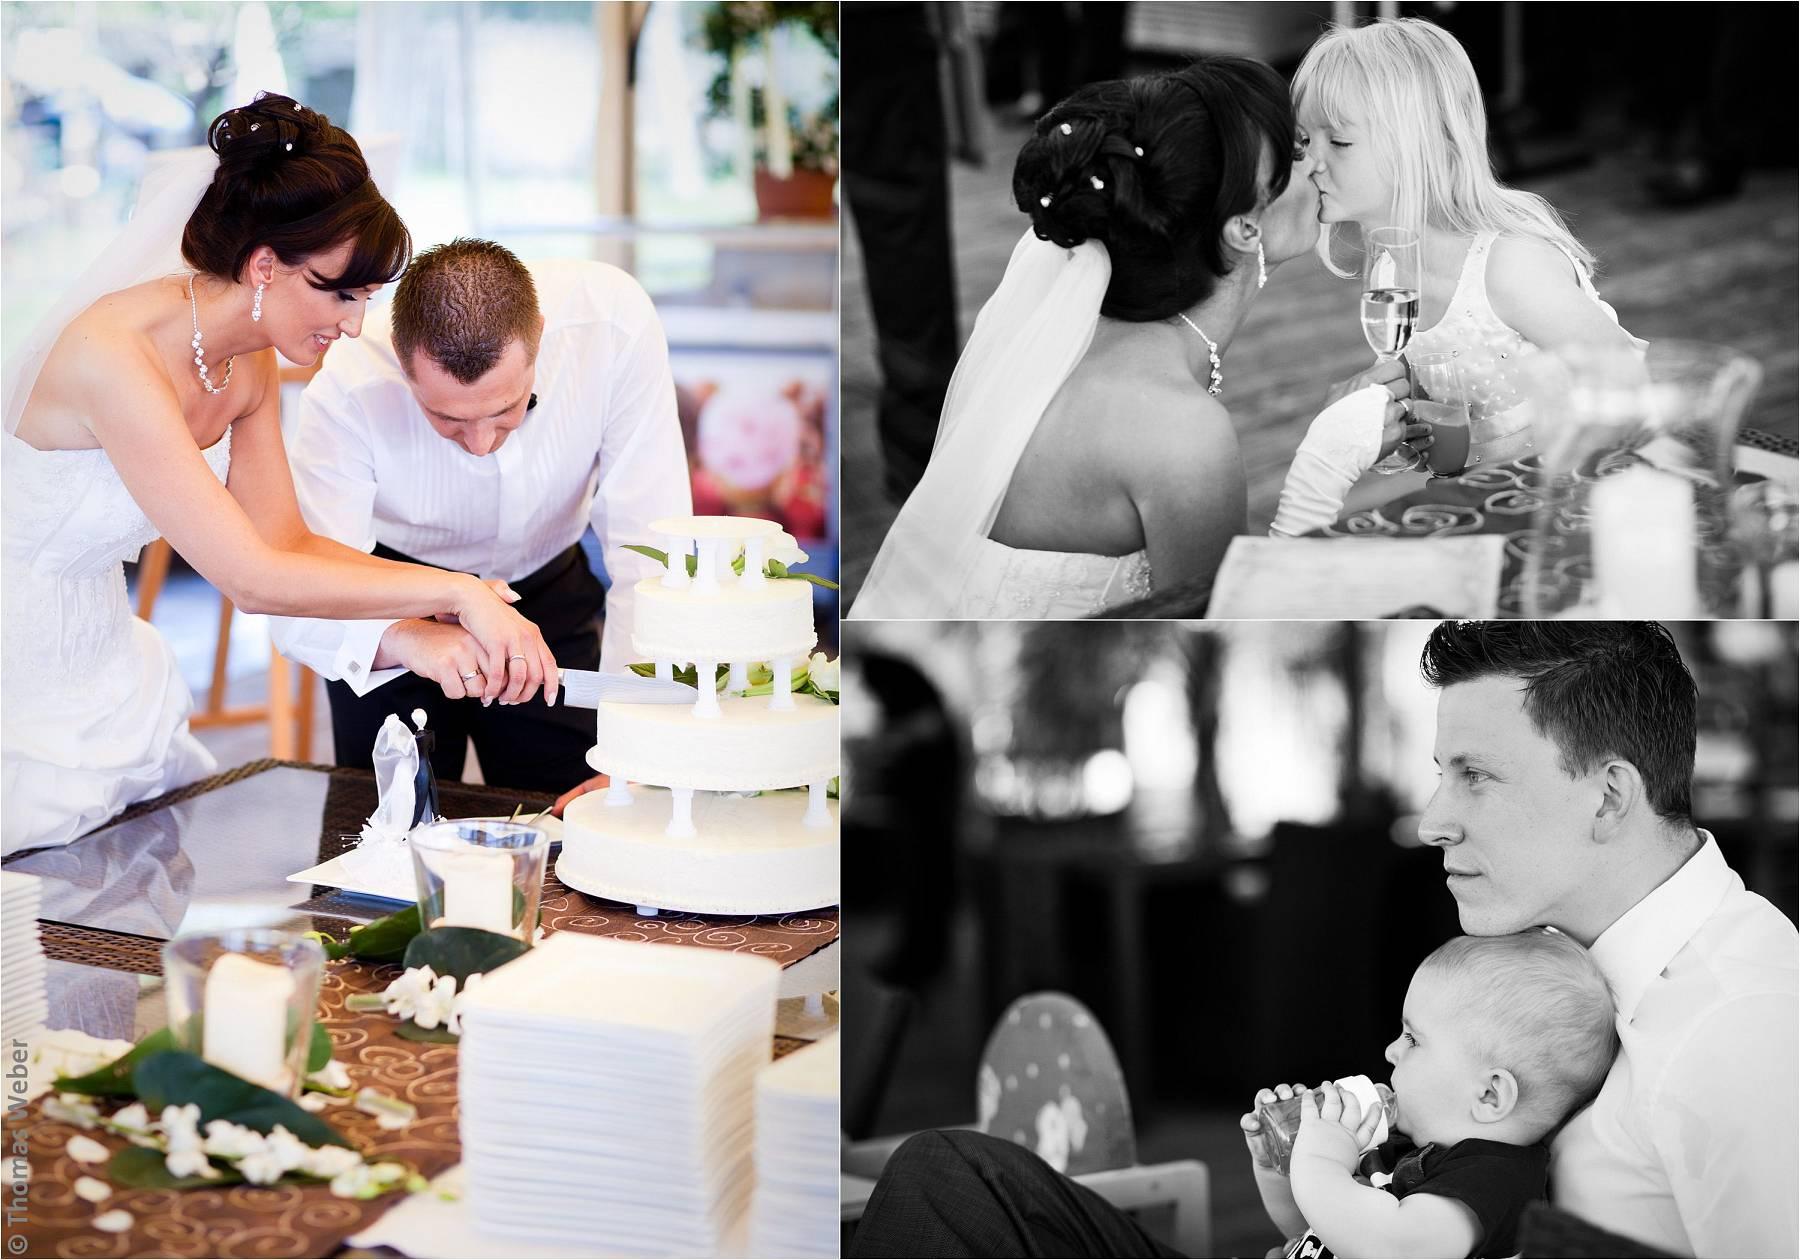 Hochzeitsfotograf Rangsdorf (Berlin): Hochzeit auf der Insel Falkenstein in Rangsdorf nahe Berlin (26)